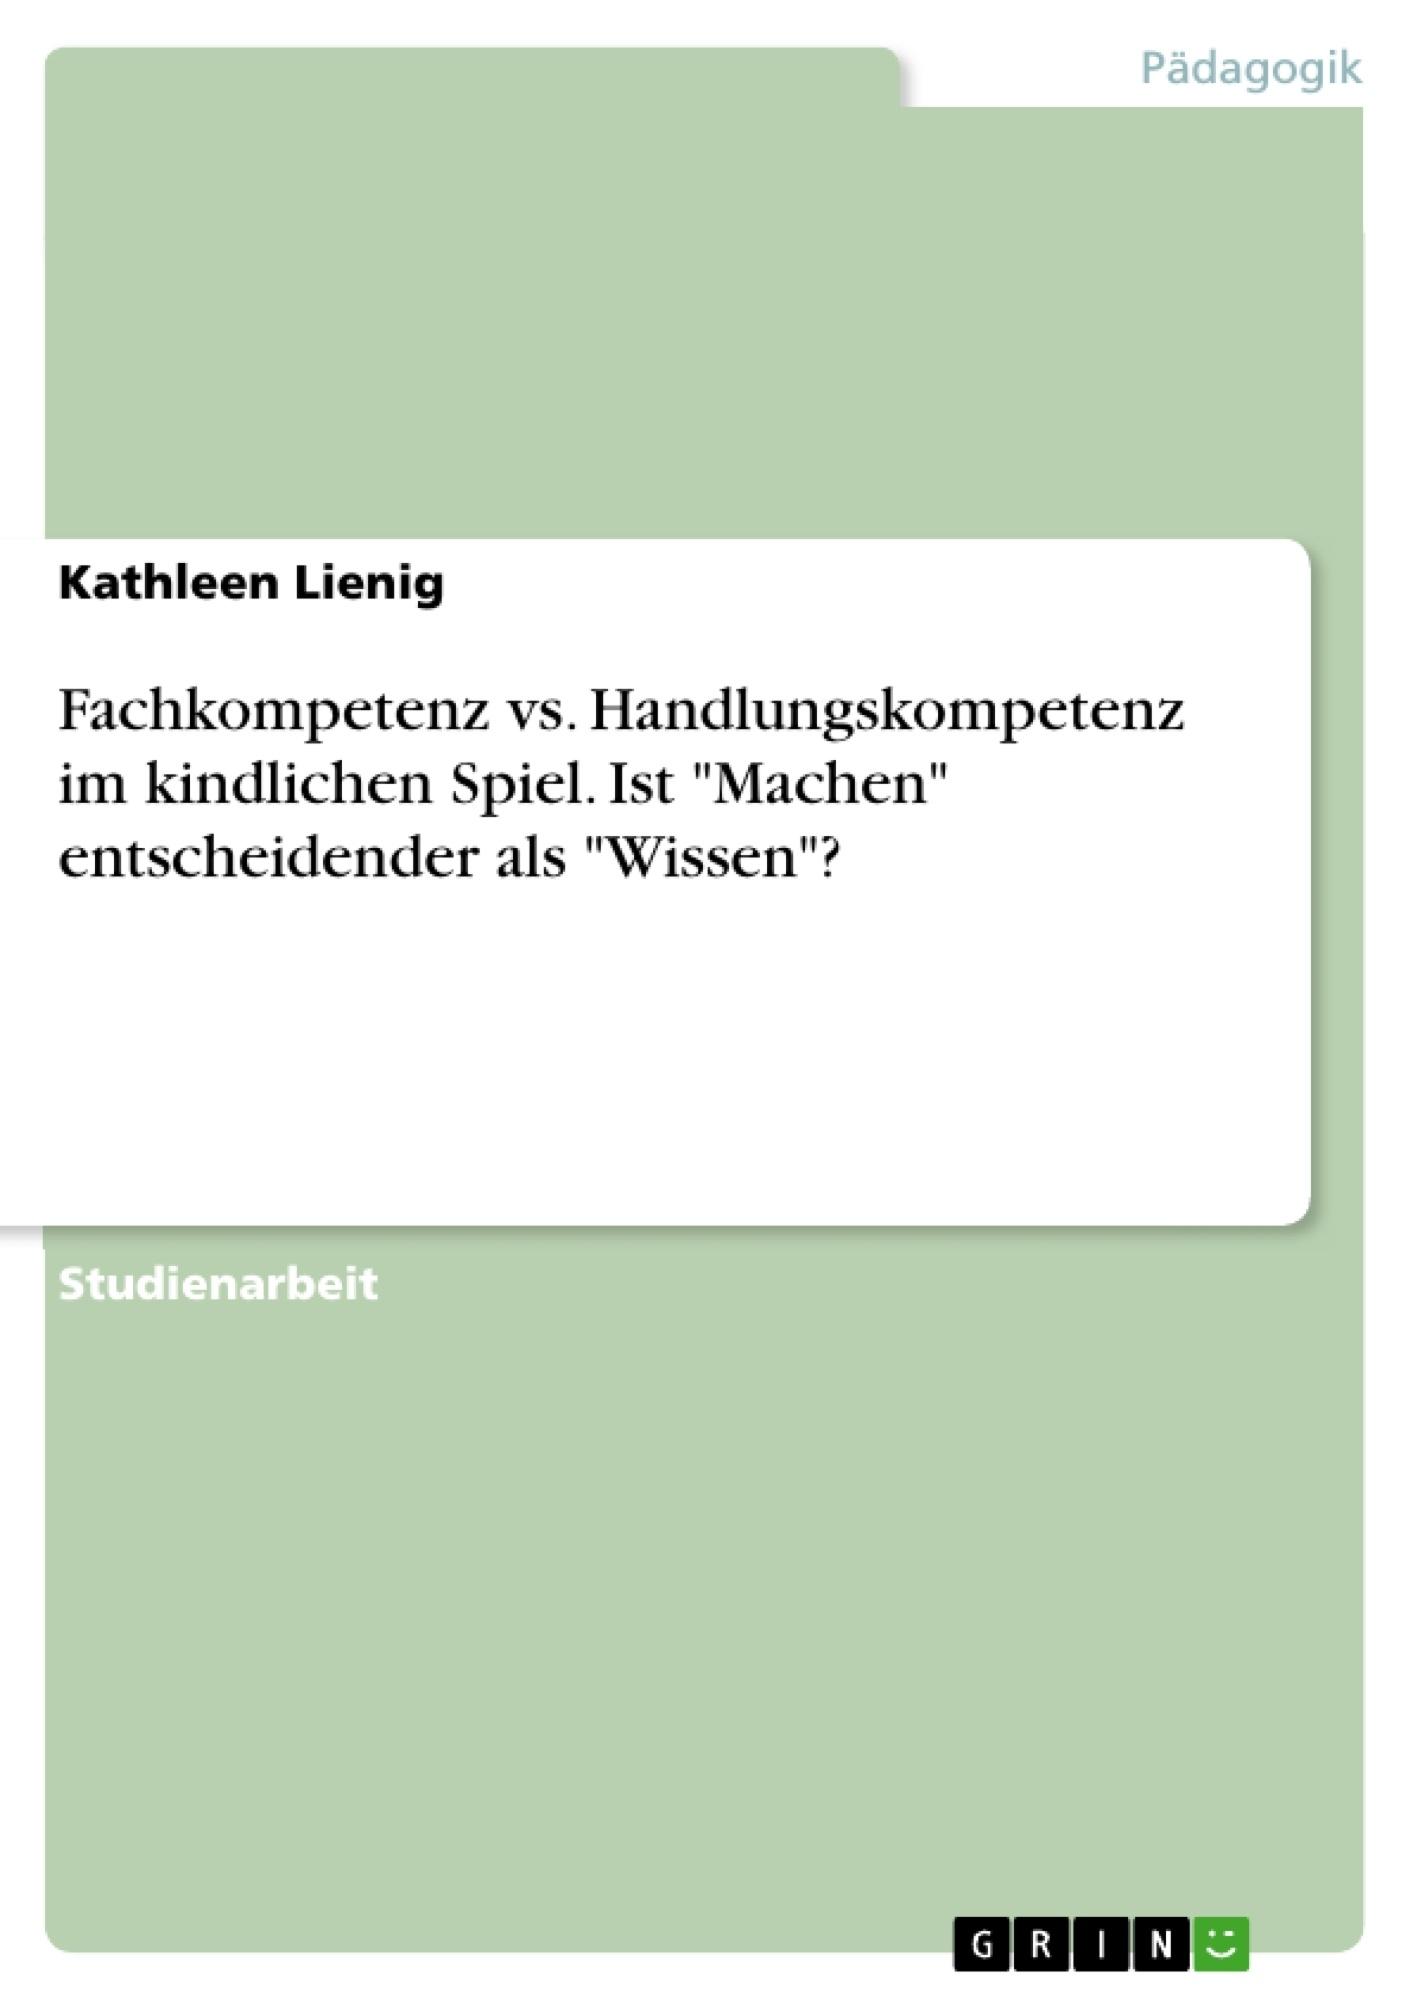 """Titel: Fachkompetenz vs. Handlungskompetenz im kindlichen Spiel. Ist """"Machen"""" entscheidender als """"Wissen""""?"""